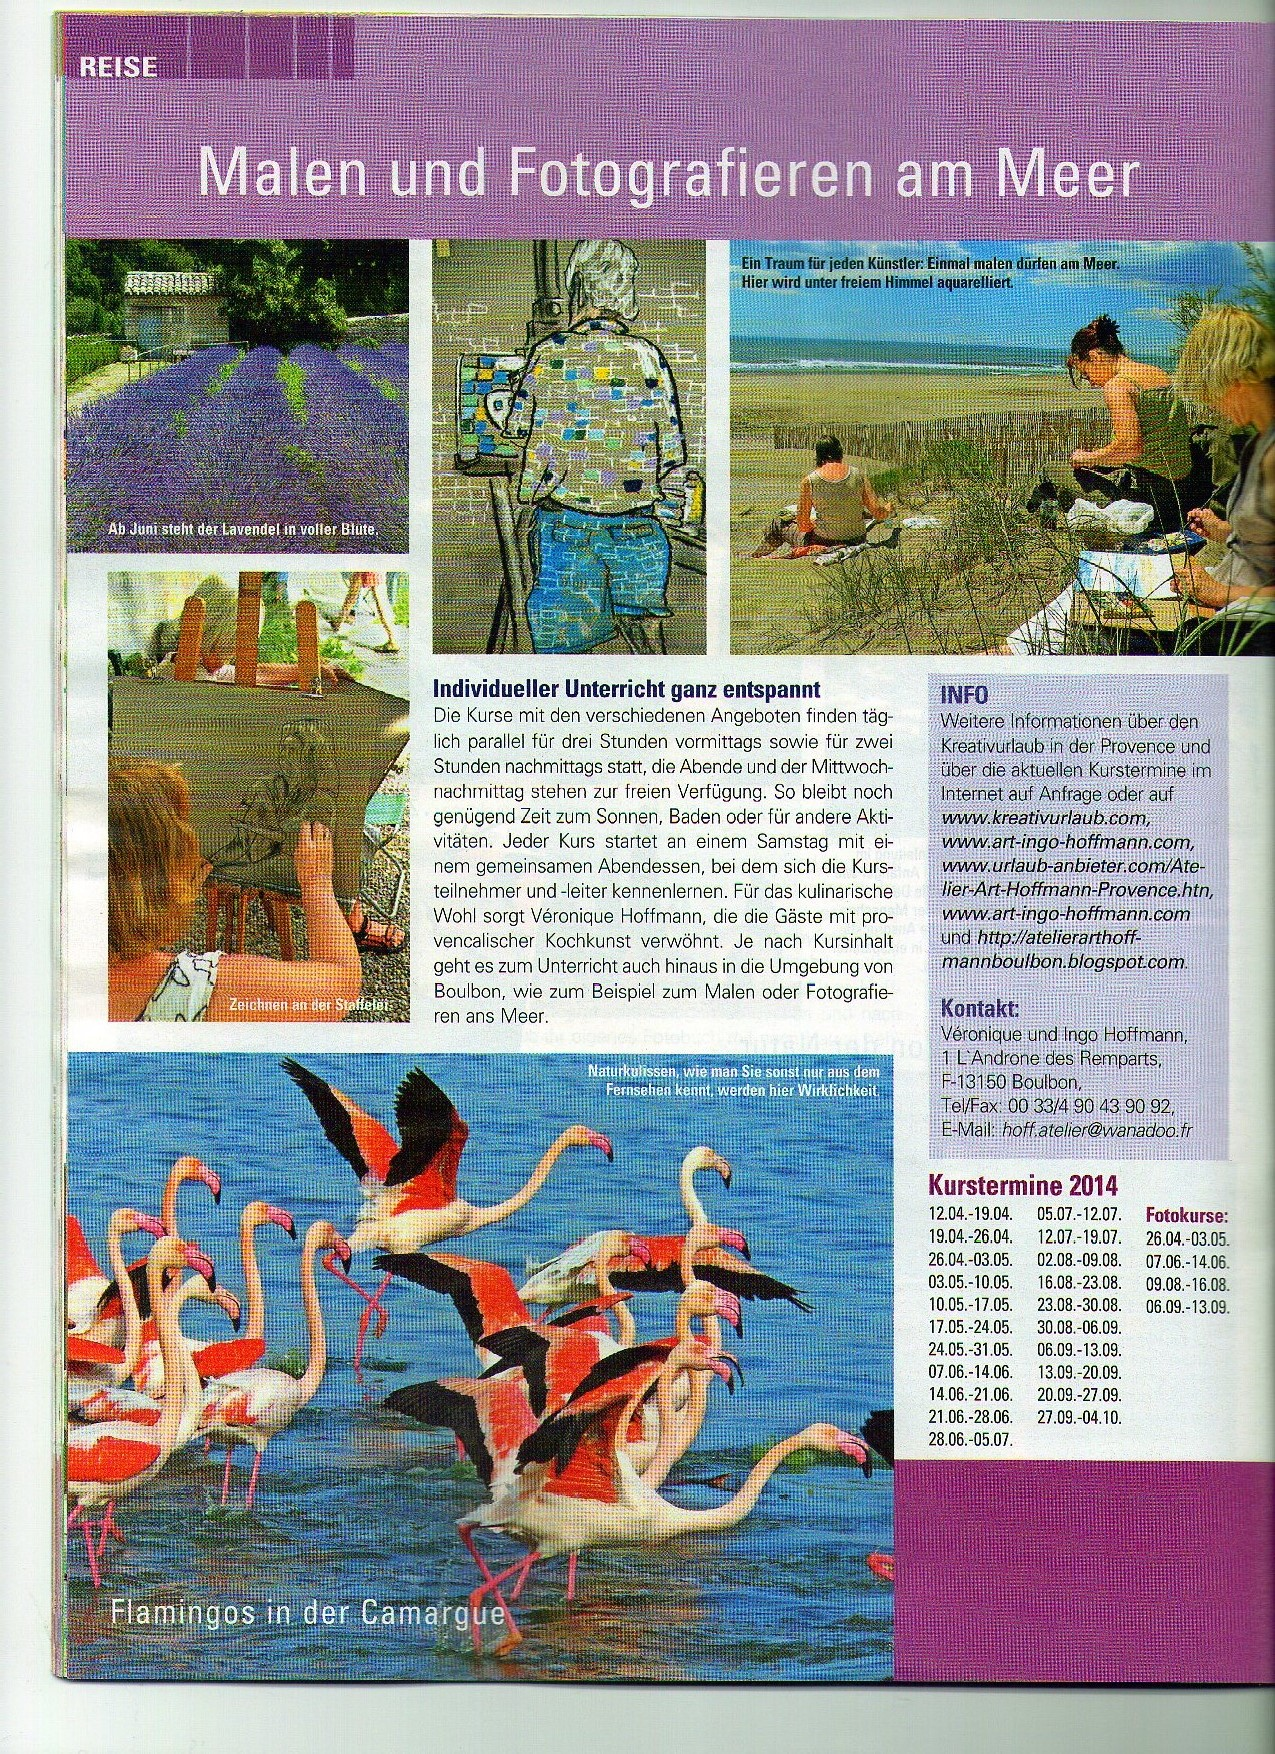 Kreativurlaub, Provence, Malkurse, Zeichekurse, Skulpturkurse in frankreich,